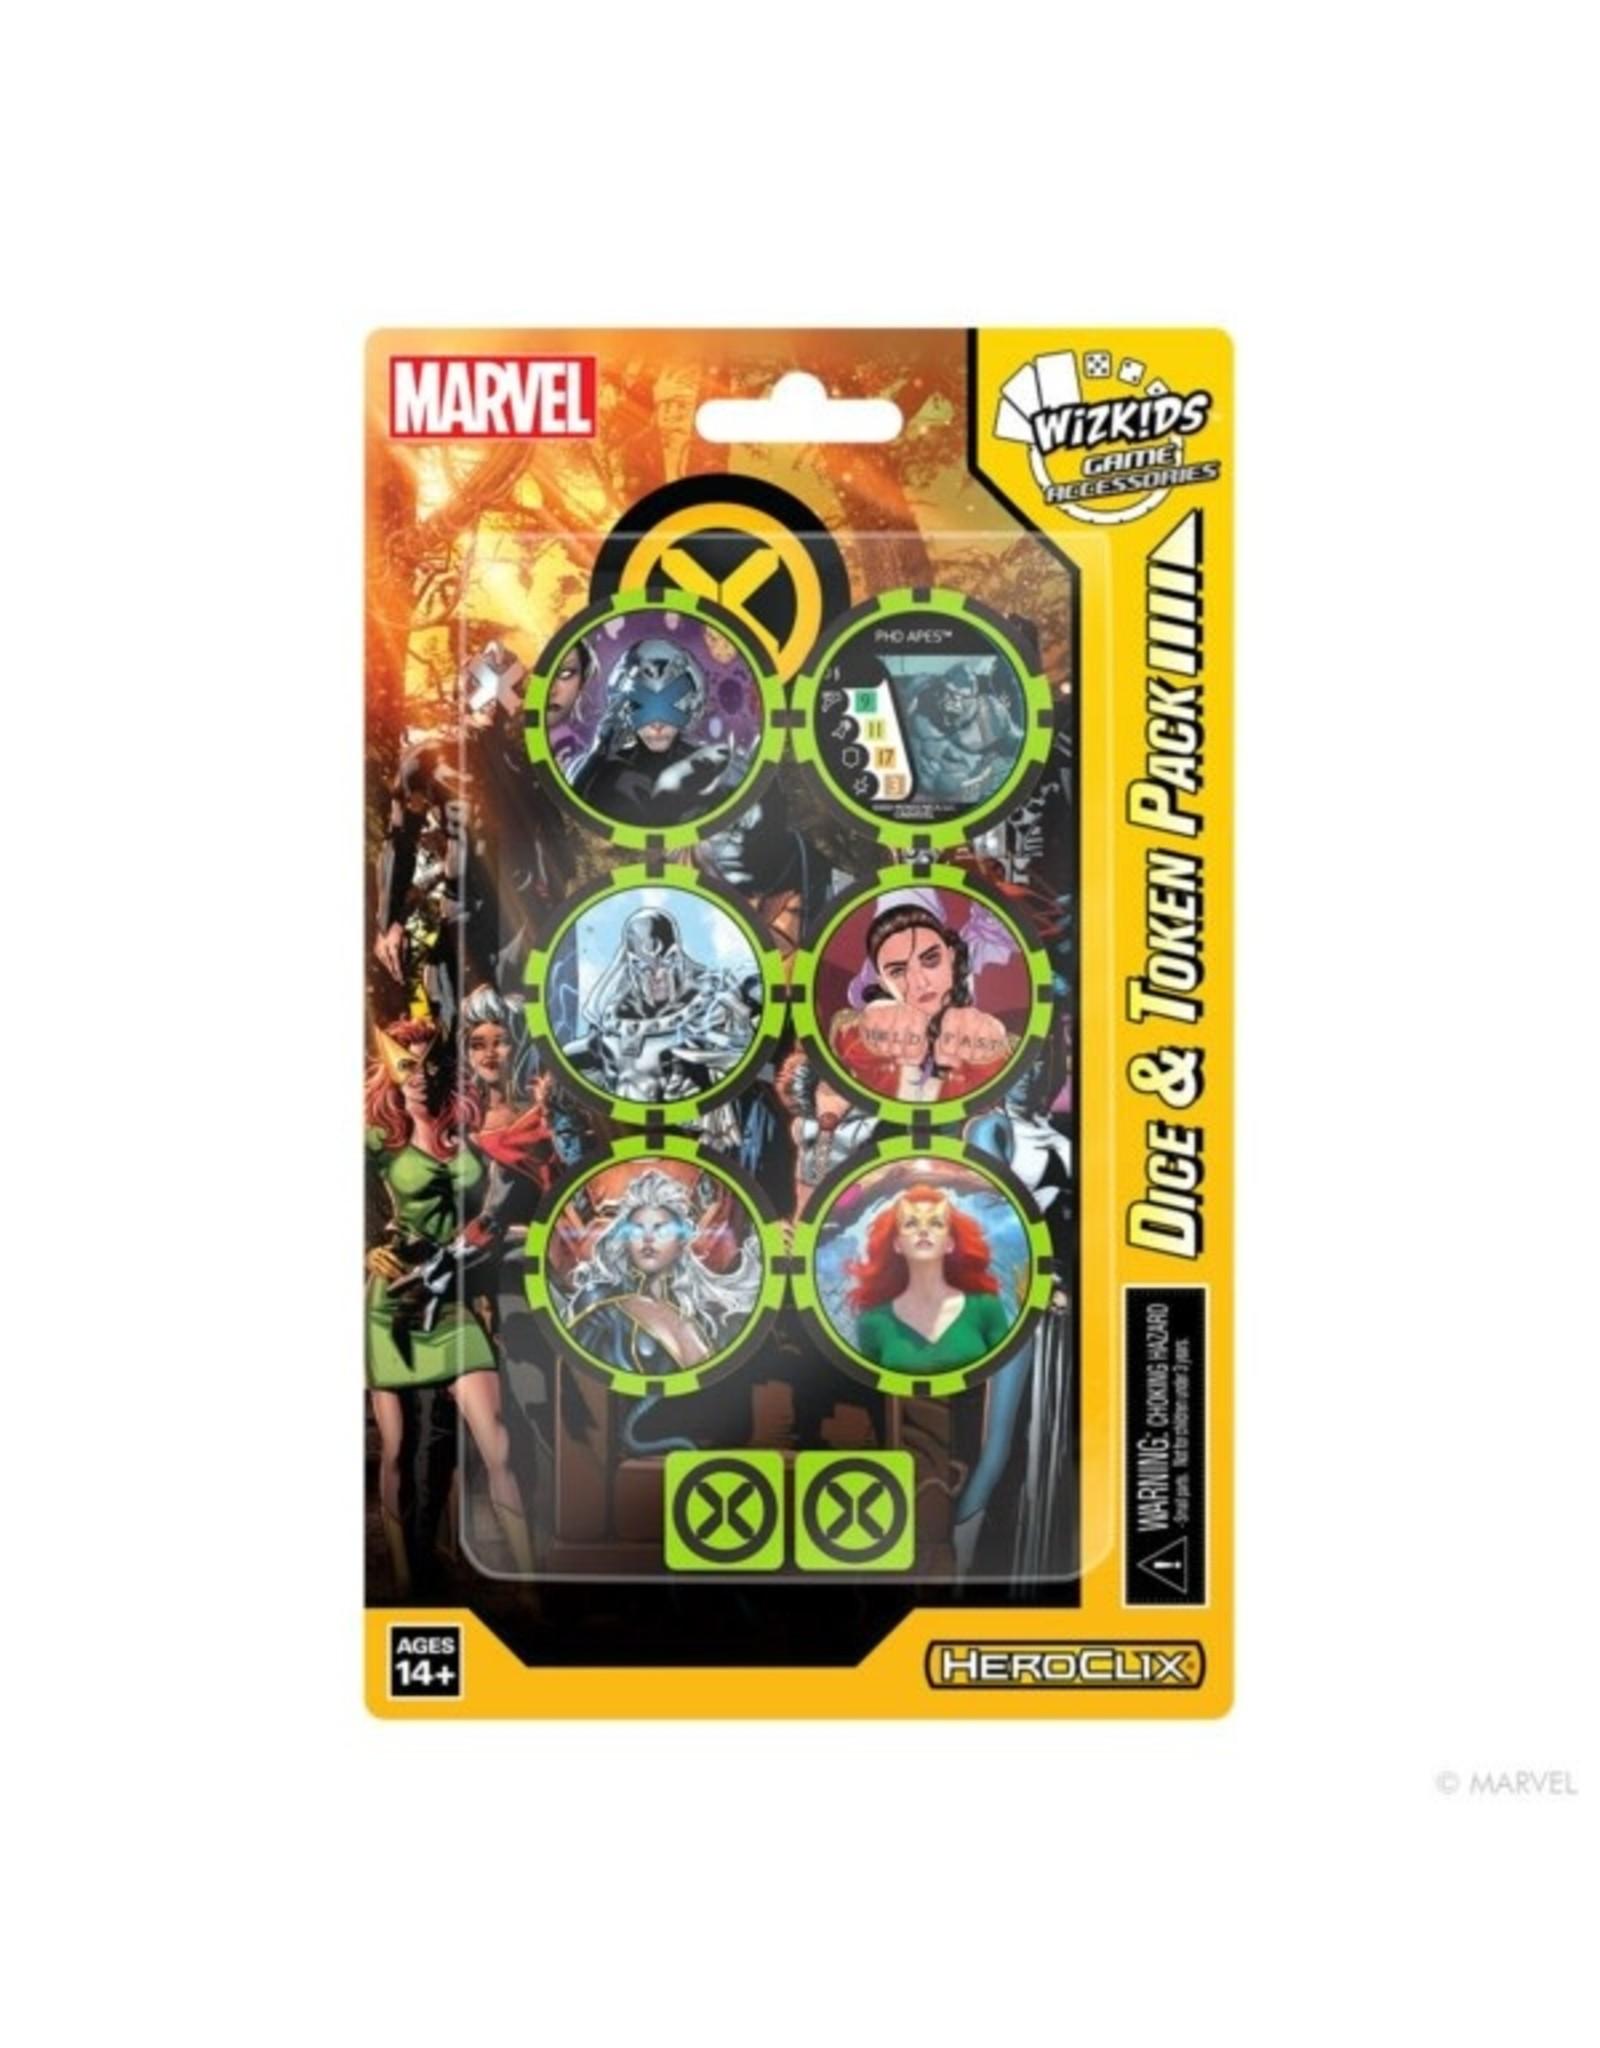 Wizkids X-Men House of X Dice and Token Pack - Marvel Heroclix